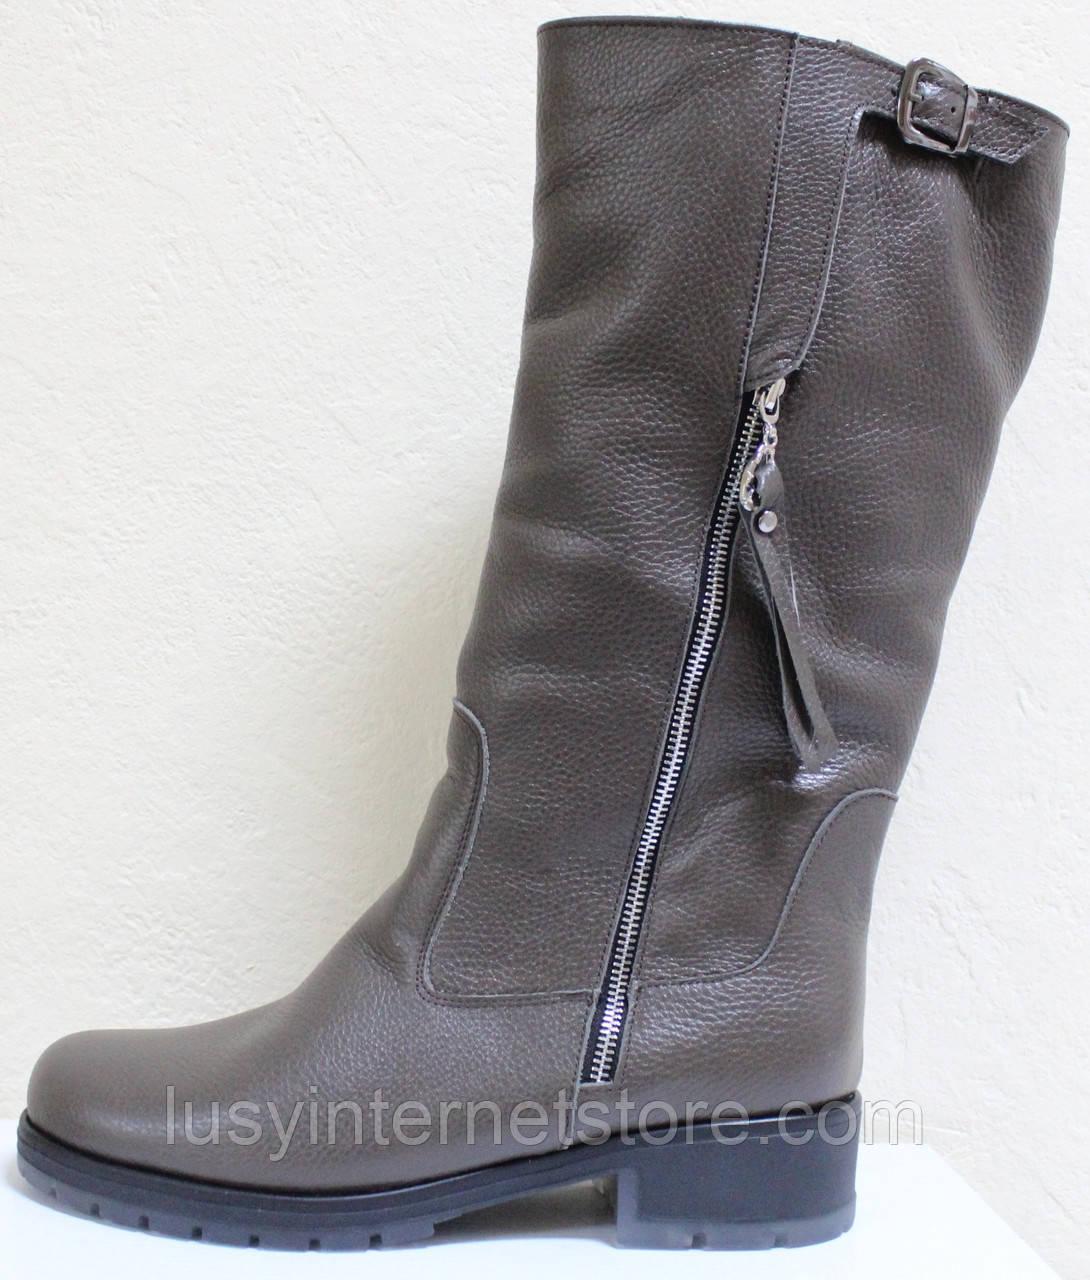 Чоботи жіночі зимові шкіряні великого розміру від виробника модель ВБ1111